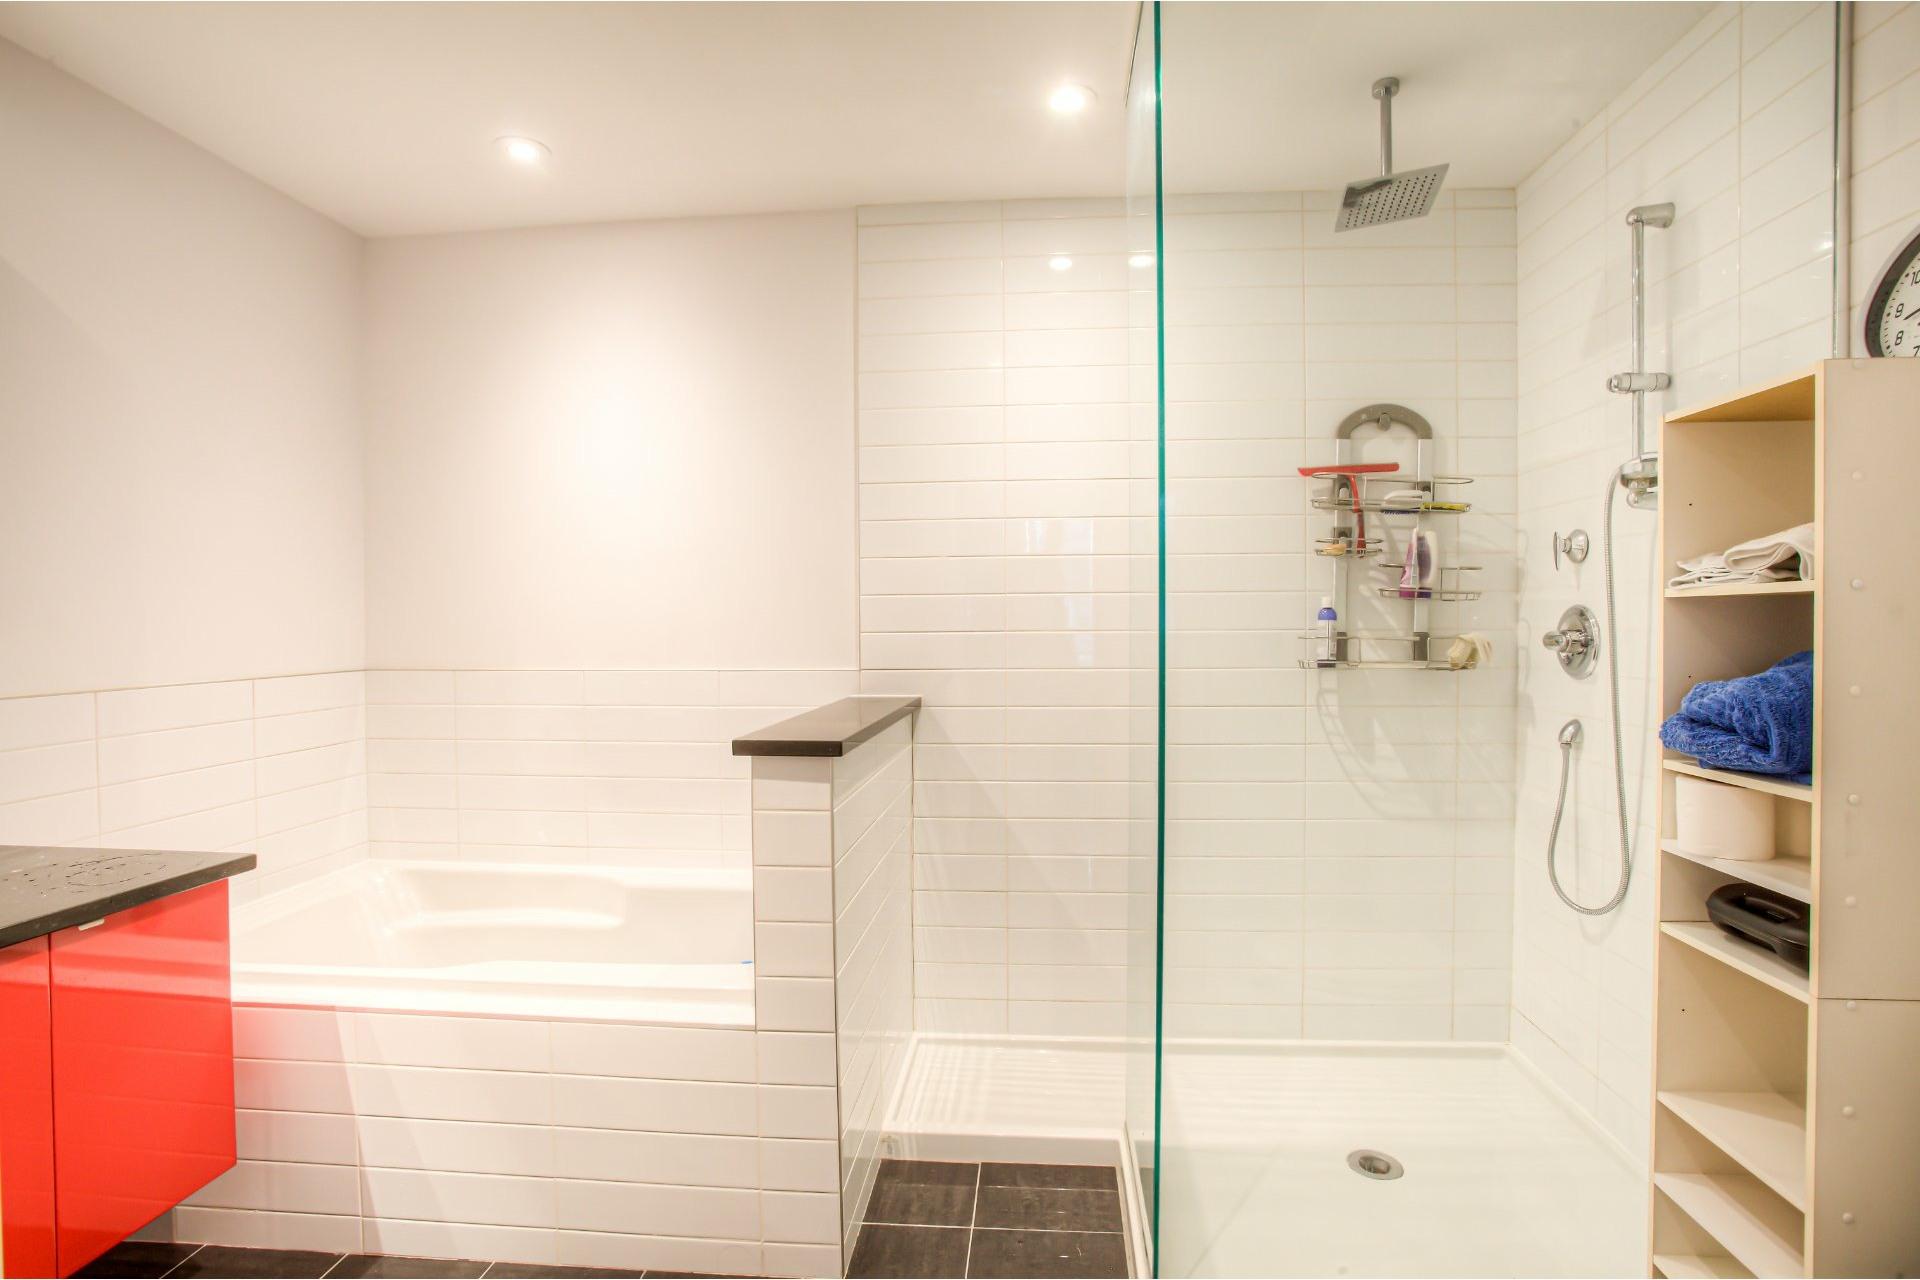 image 17 - Apartment For rent Côte-des-Neiges/Notre-Dame-de-Grâce Montréal  - 5 rooms